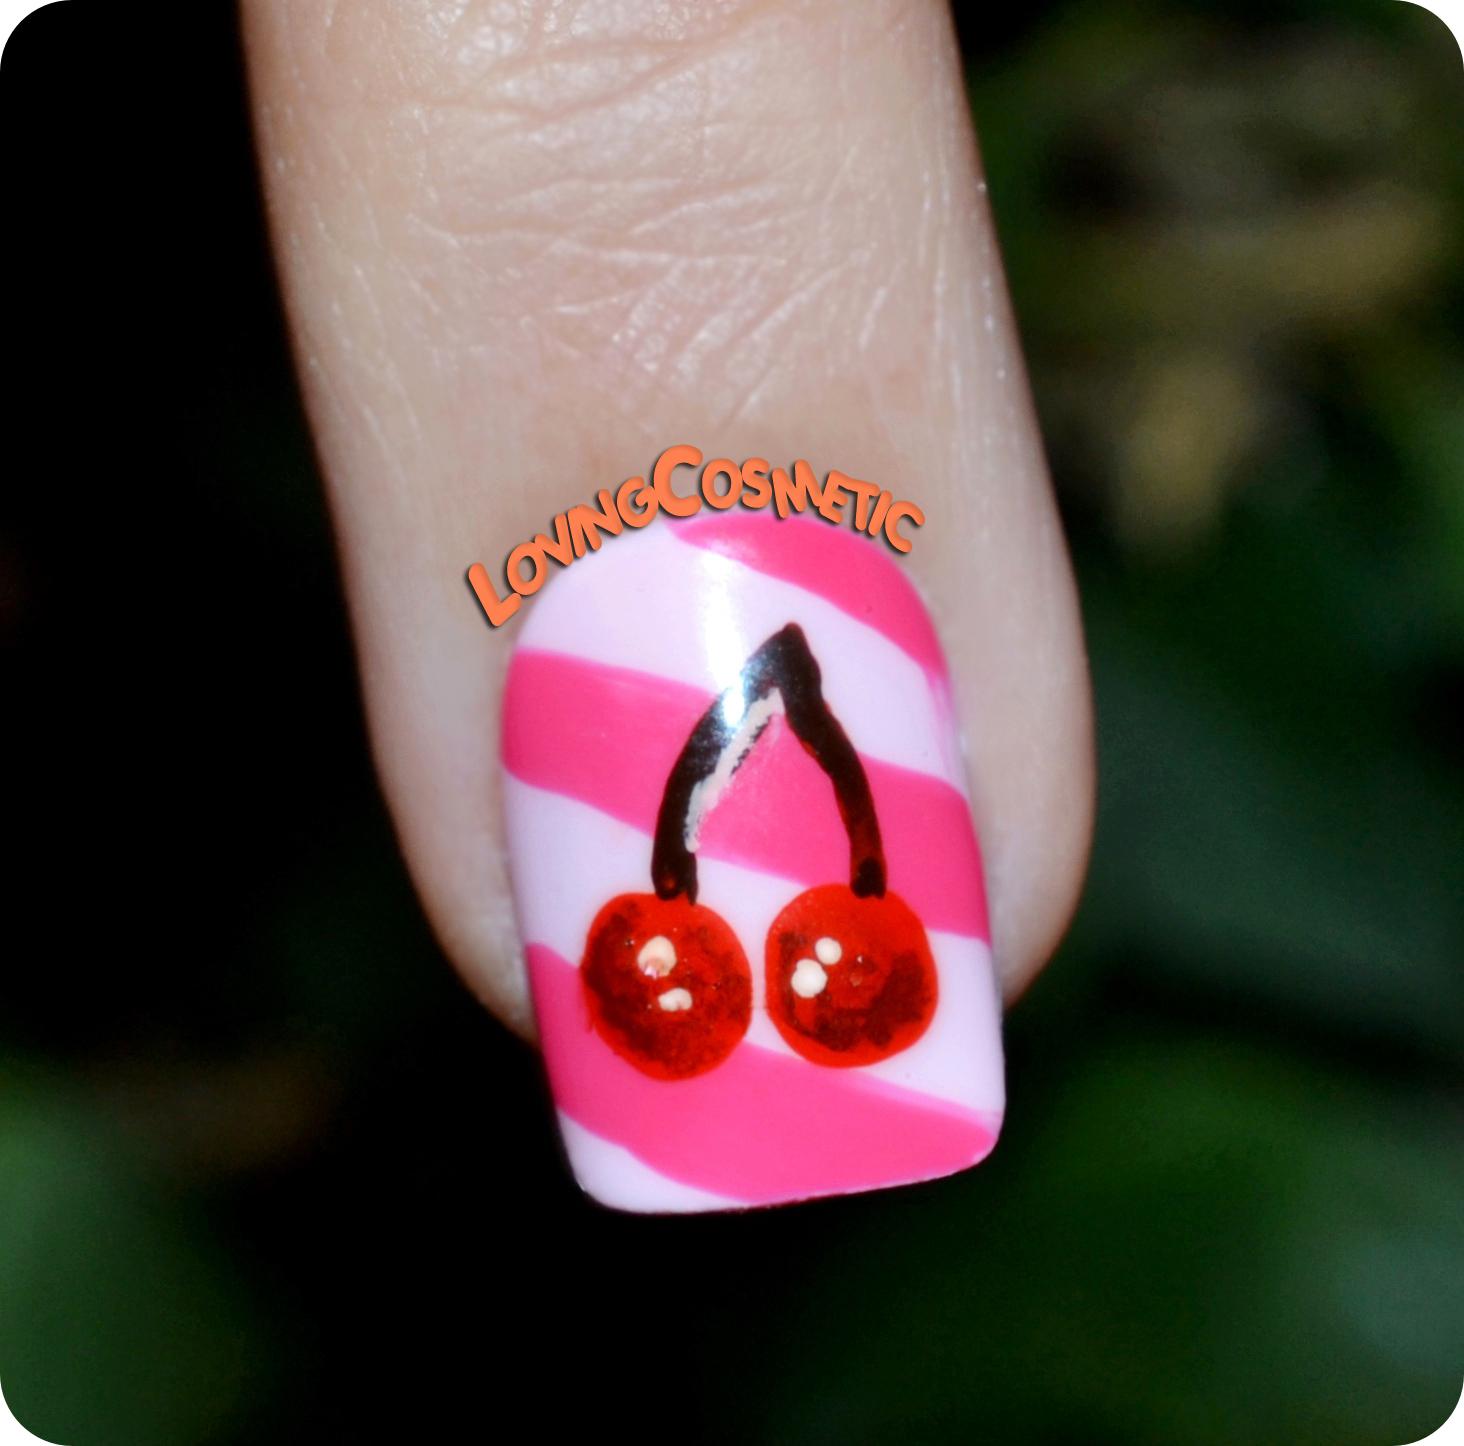 Candy Crush Saga Nails Industrifo